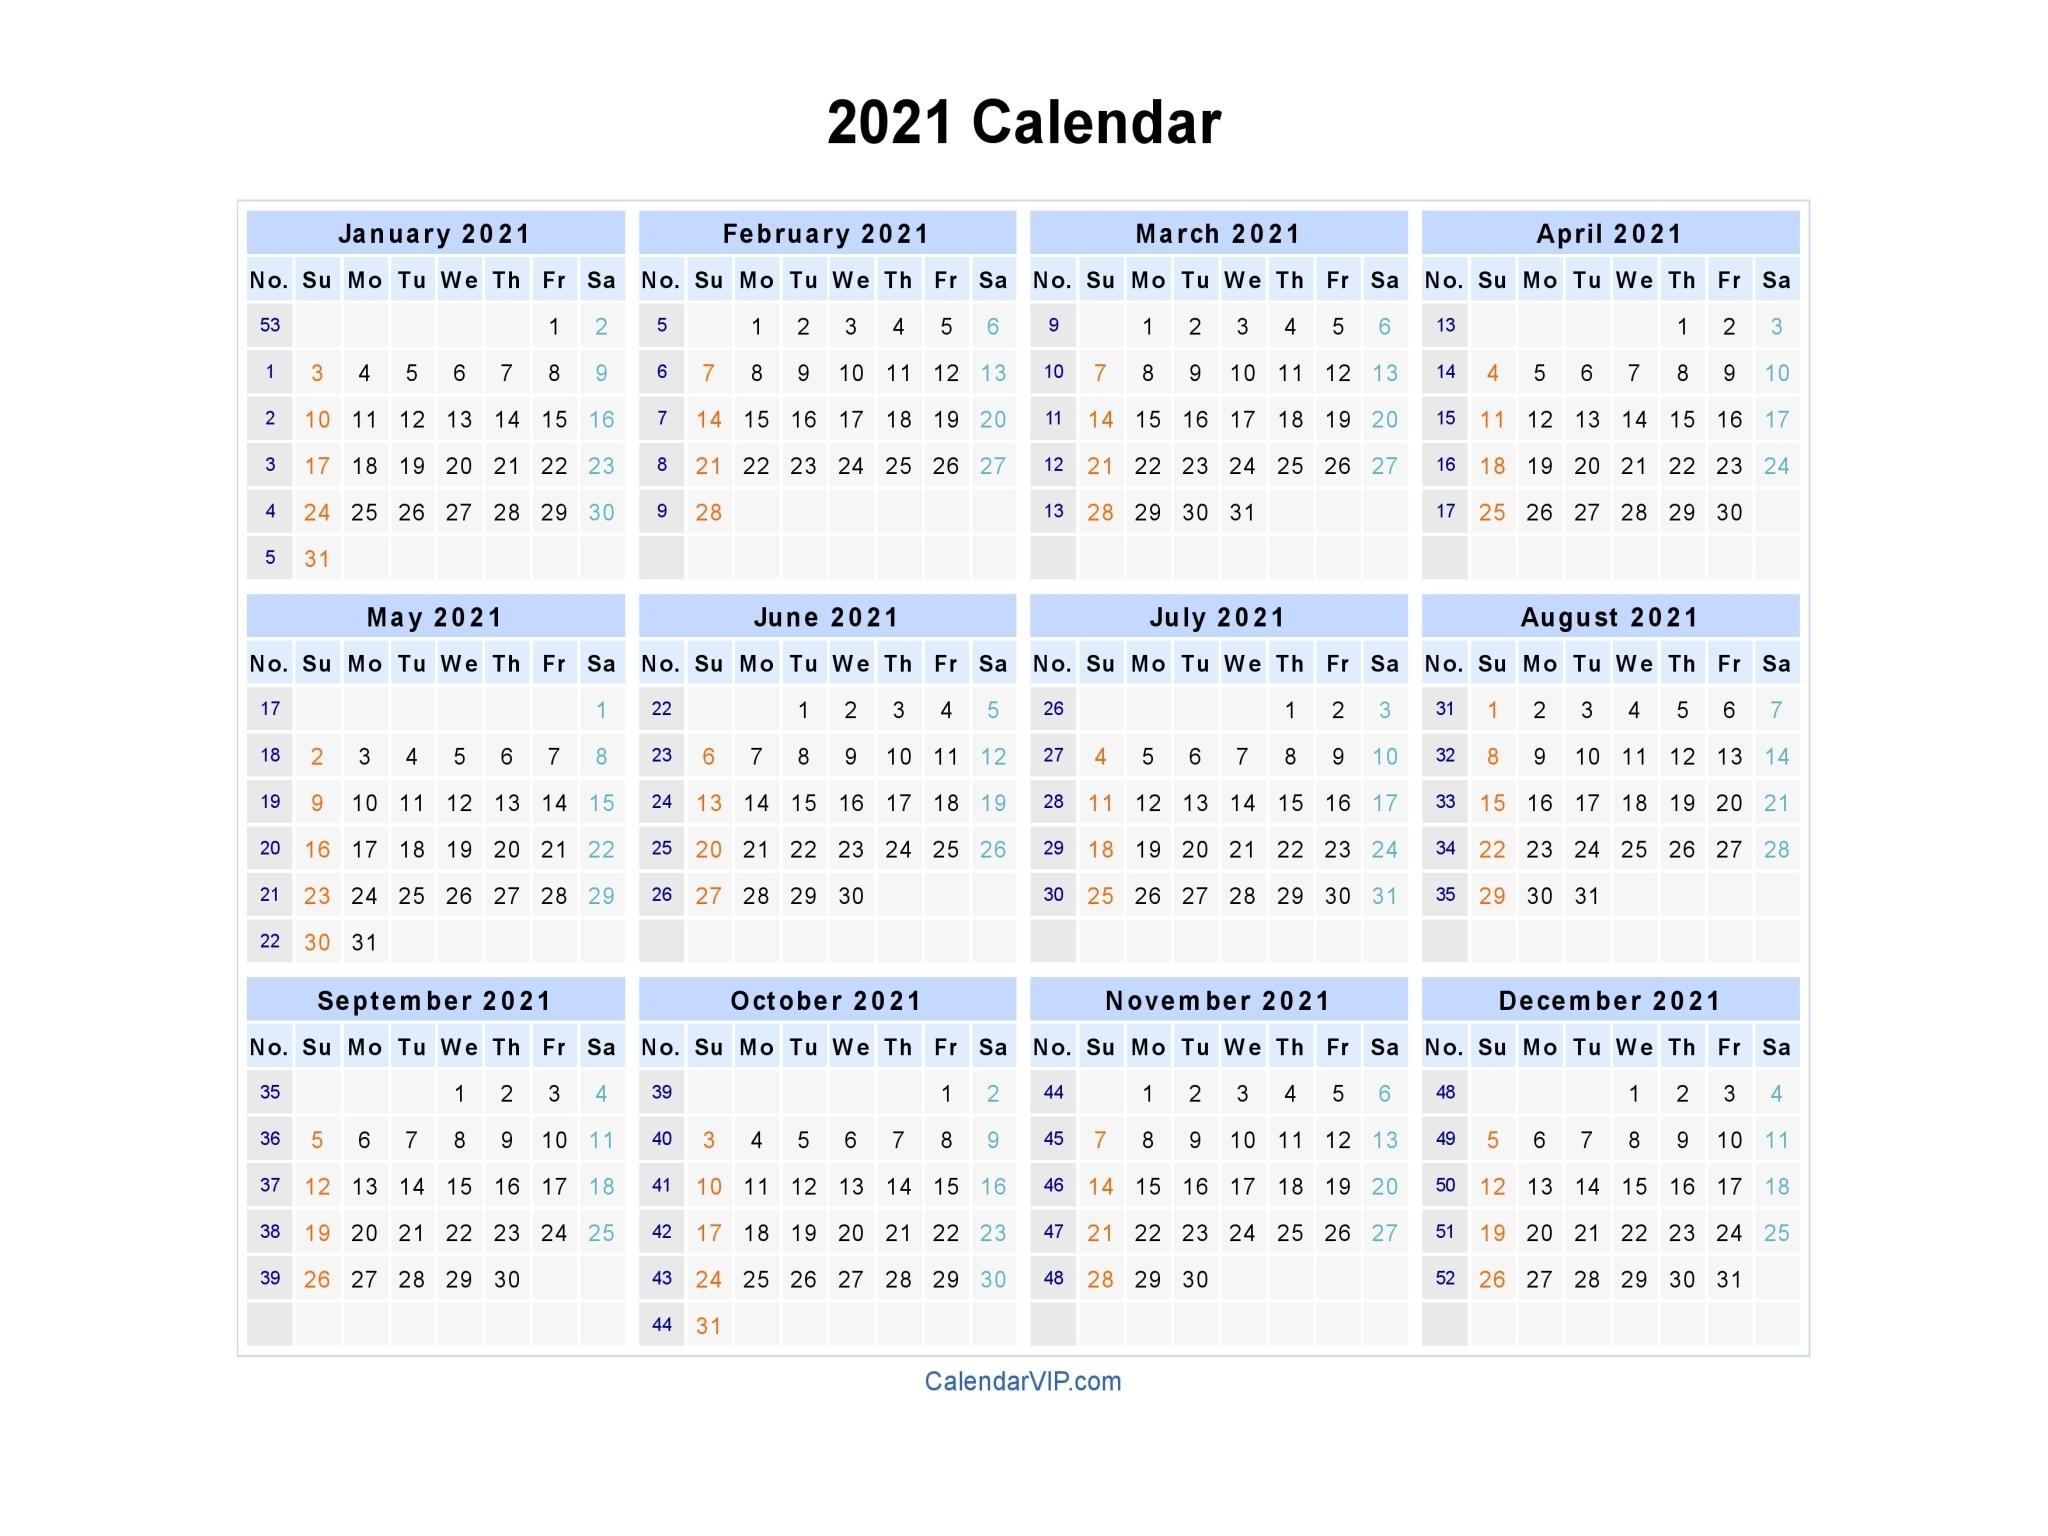 Get 2021 Week Dates Excel